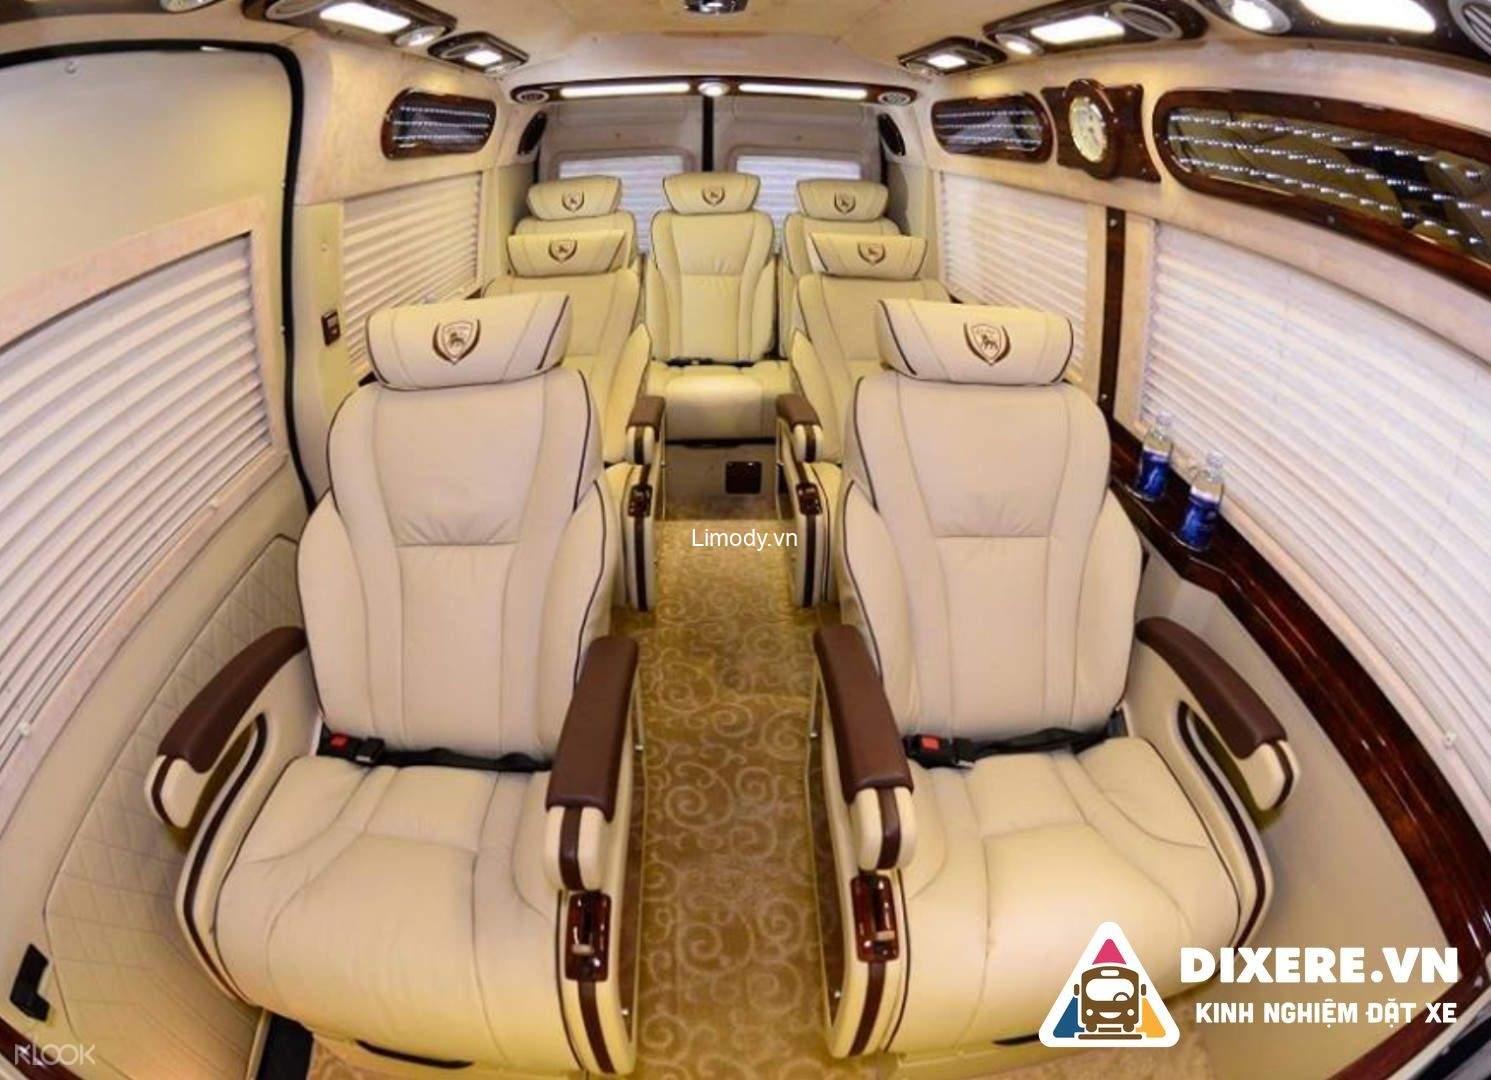 Đặt vé xe limousine Vip Sài Gòn đi Đà Lạt chất lượng cao, giá rẻ